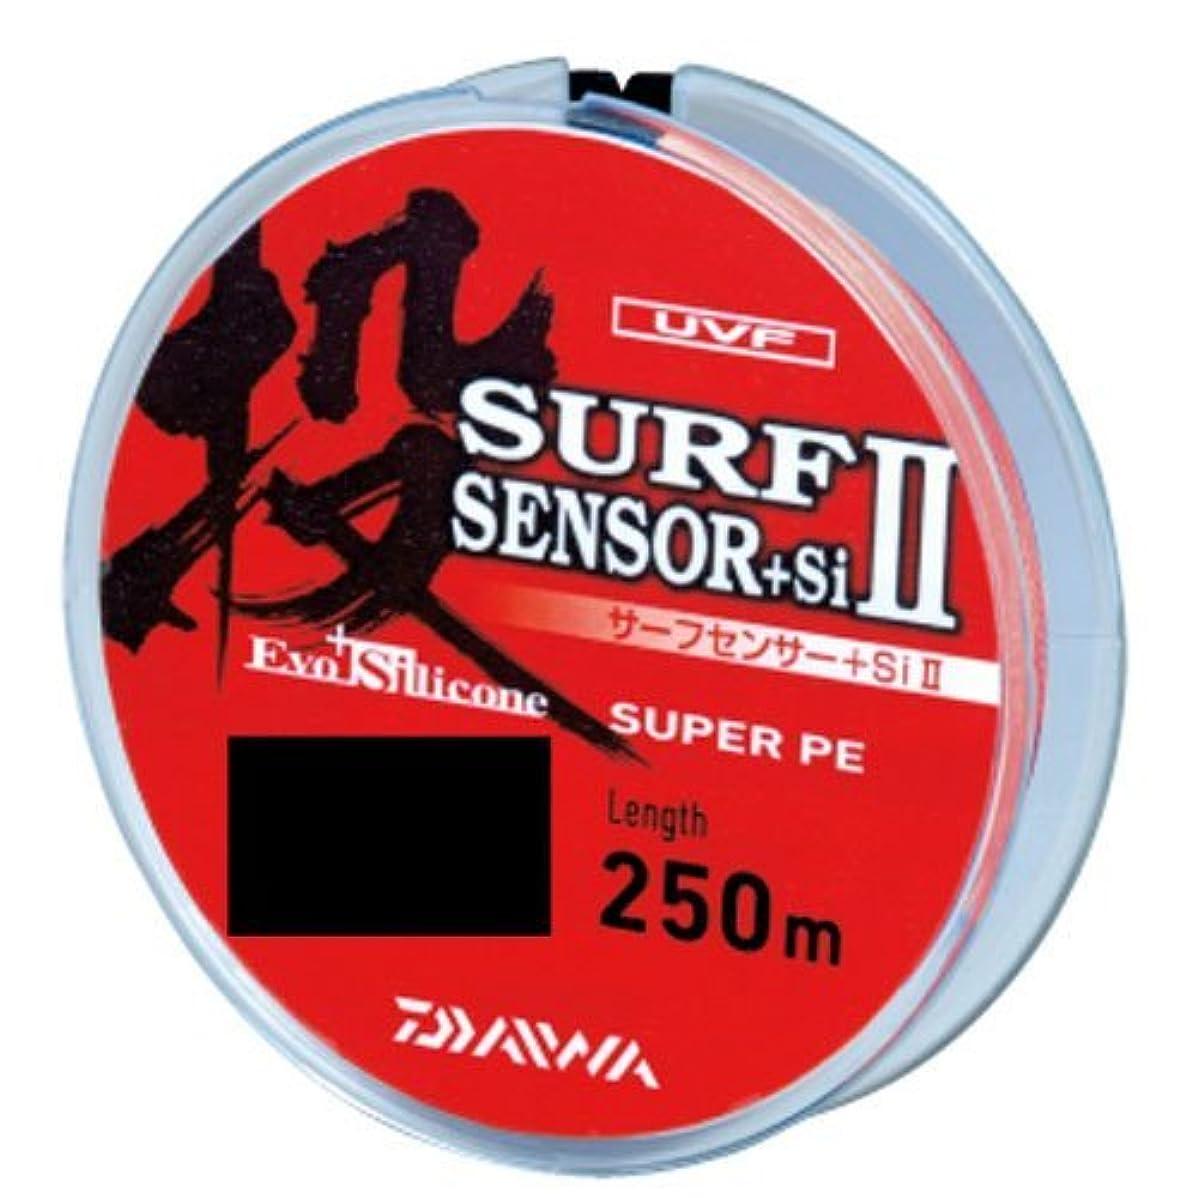 脚本家神話曲ダイワ(Daiwa) PEライン UVF サーフセンサー+Si II 250m 0.4号 マルチカラー